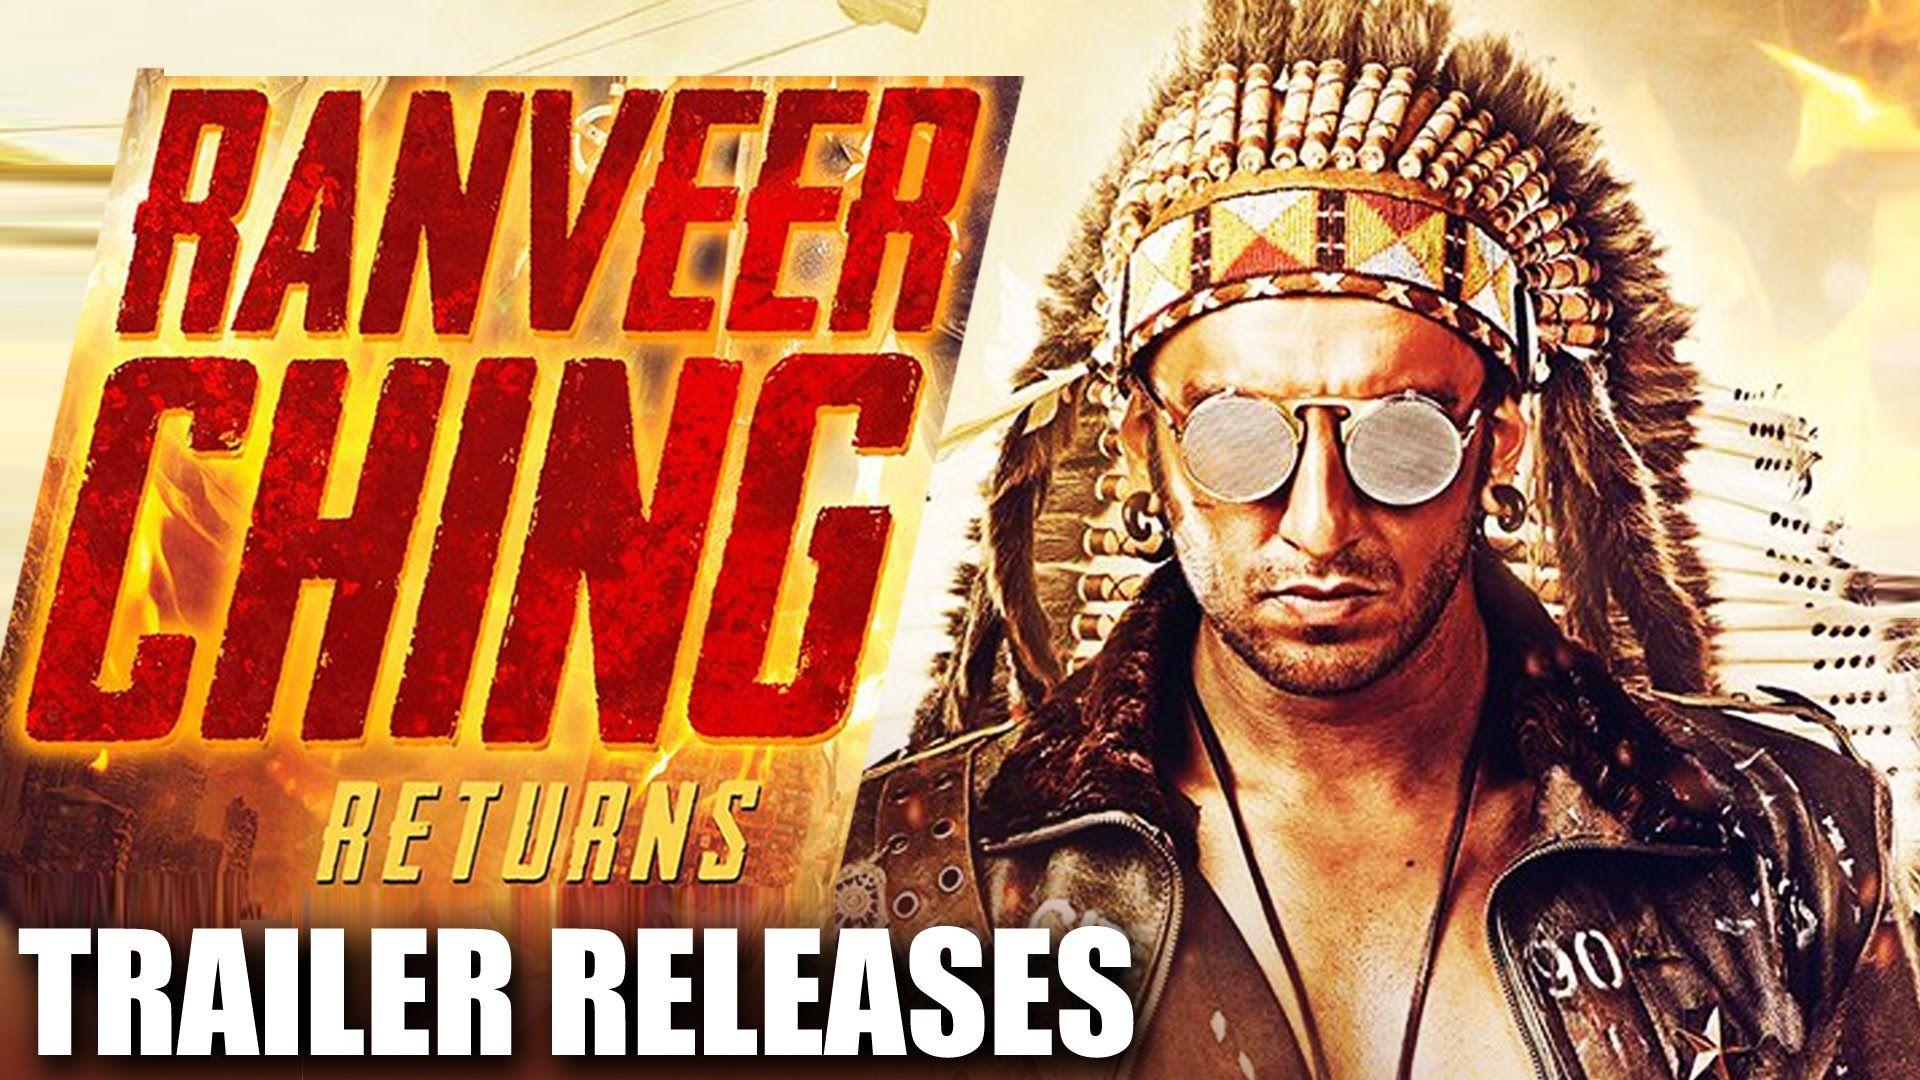 Ranveer Ching Returns Full Hd Trailer Hdvideo Trailer Ranveer Ching Returns Ranveer Singh Bollywood Songs Rohit Shetty